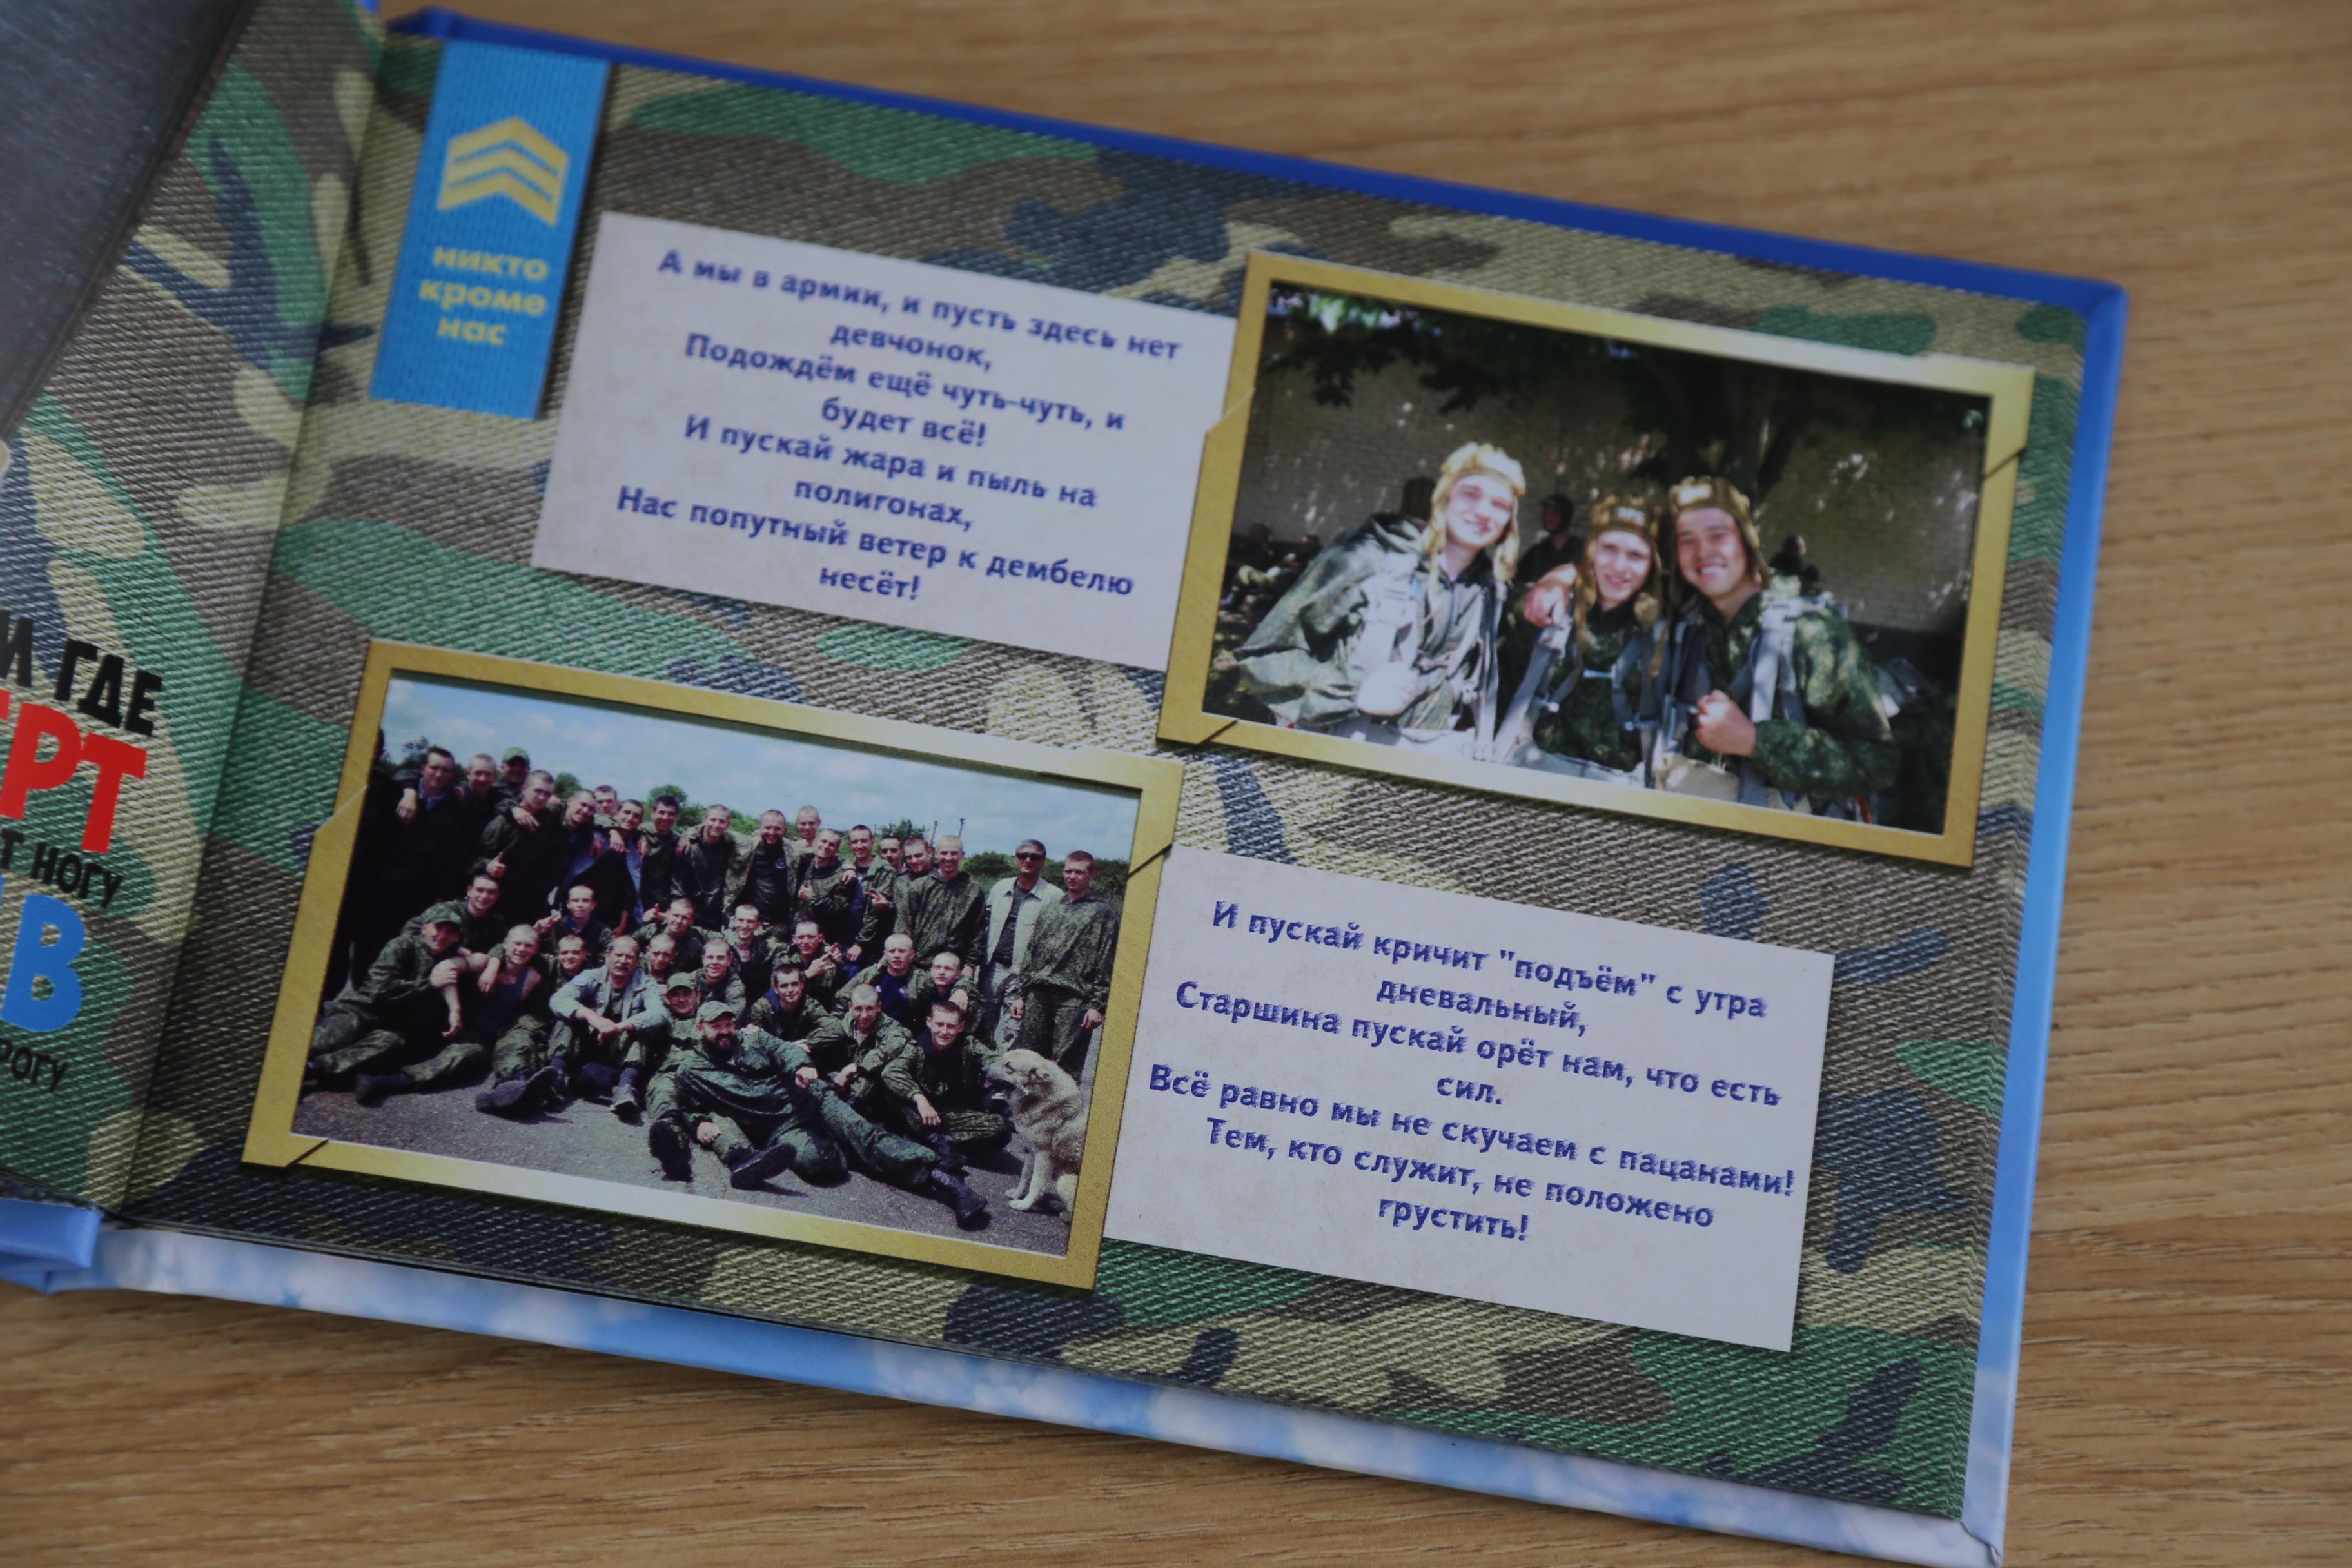 Надписью максим, открытка с пожеланиями солдату уходящему в армию